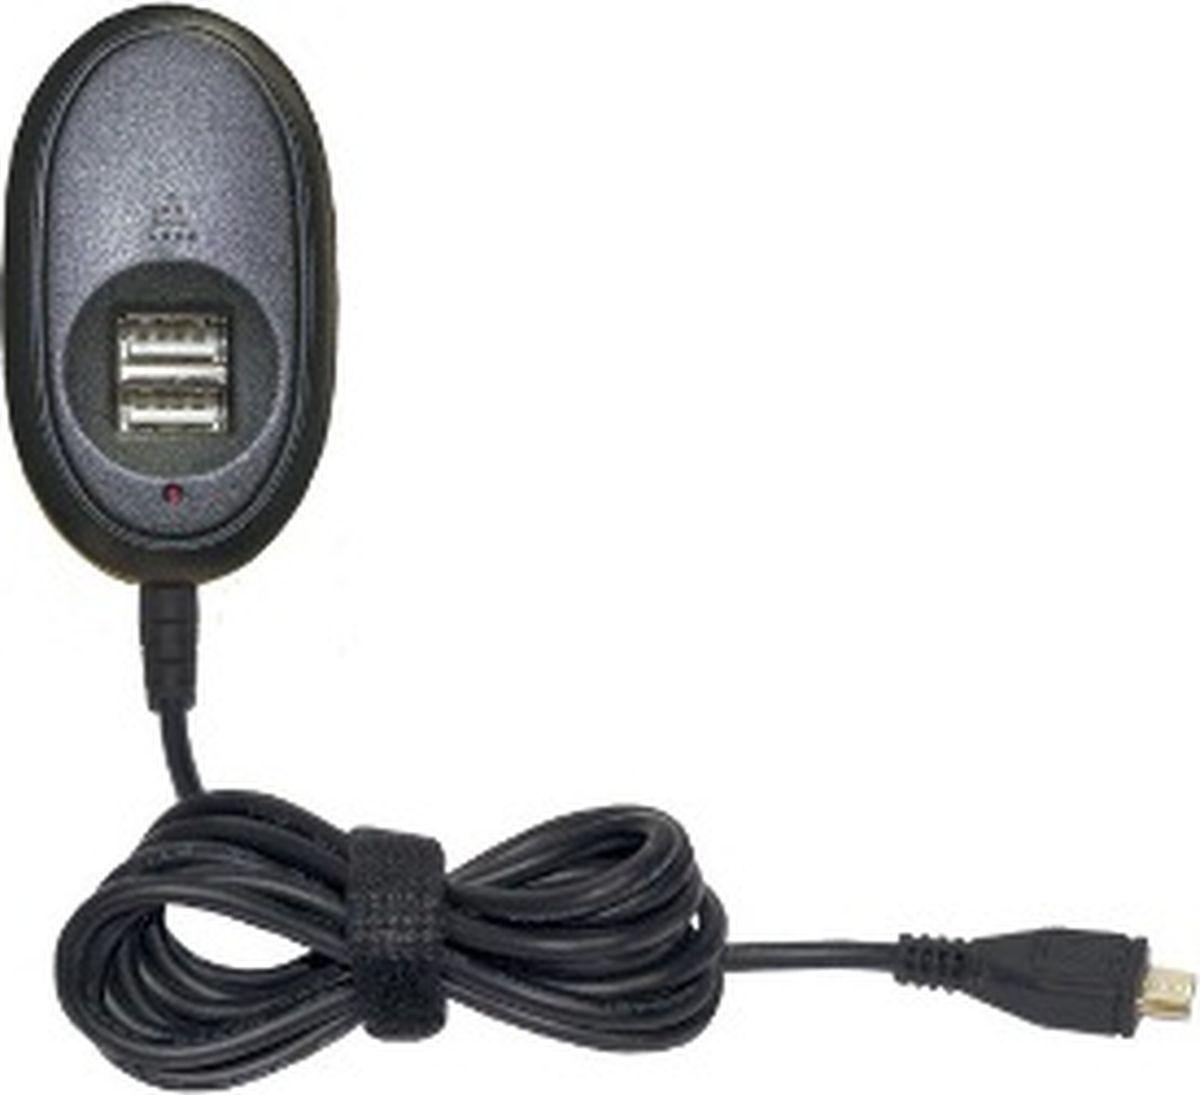 все цены на Ginzzu GA-3412UB, Black сетевое зарядное устройство + кабель micro USB